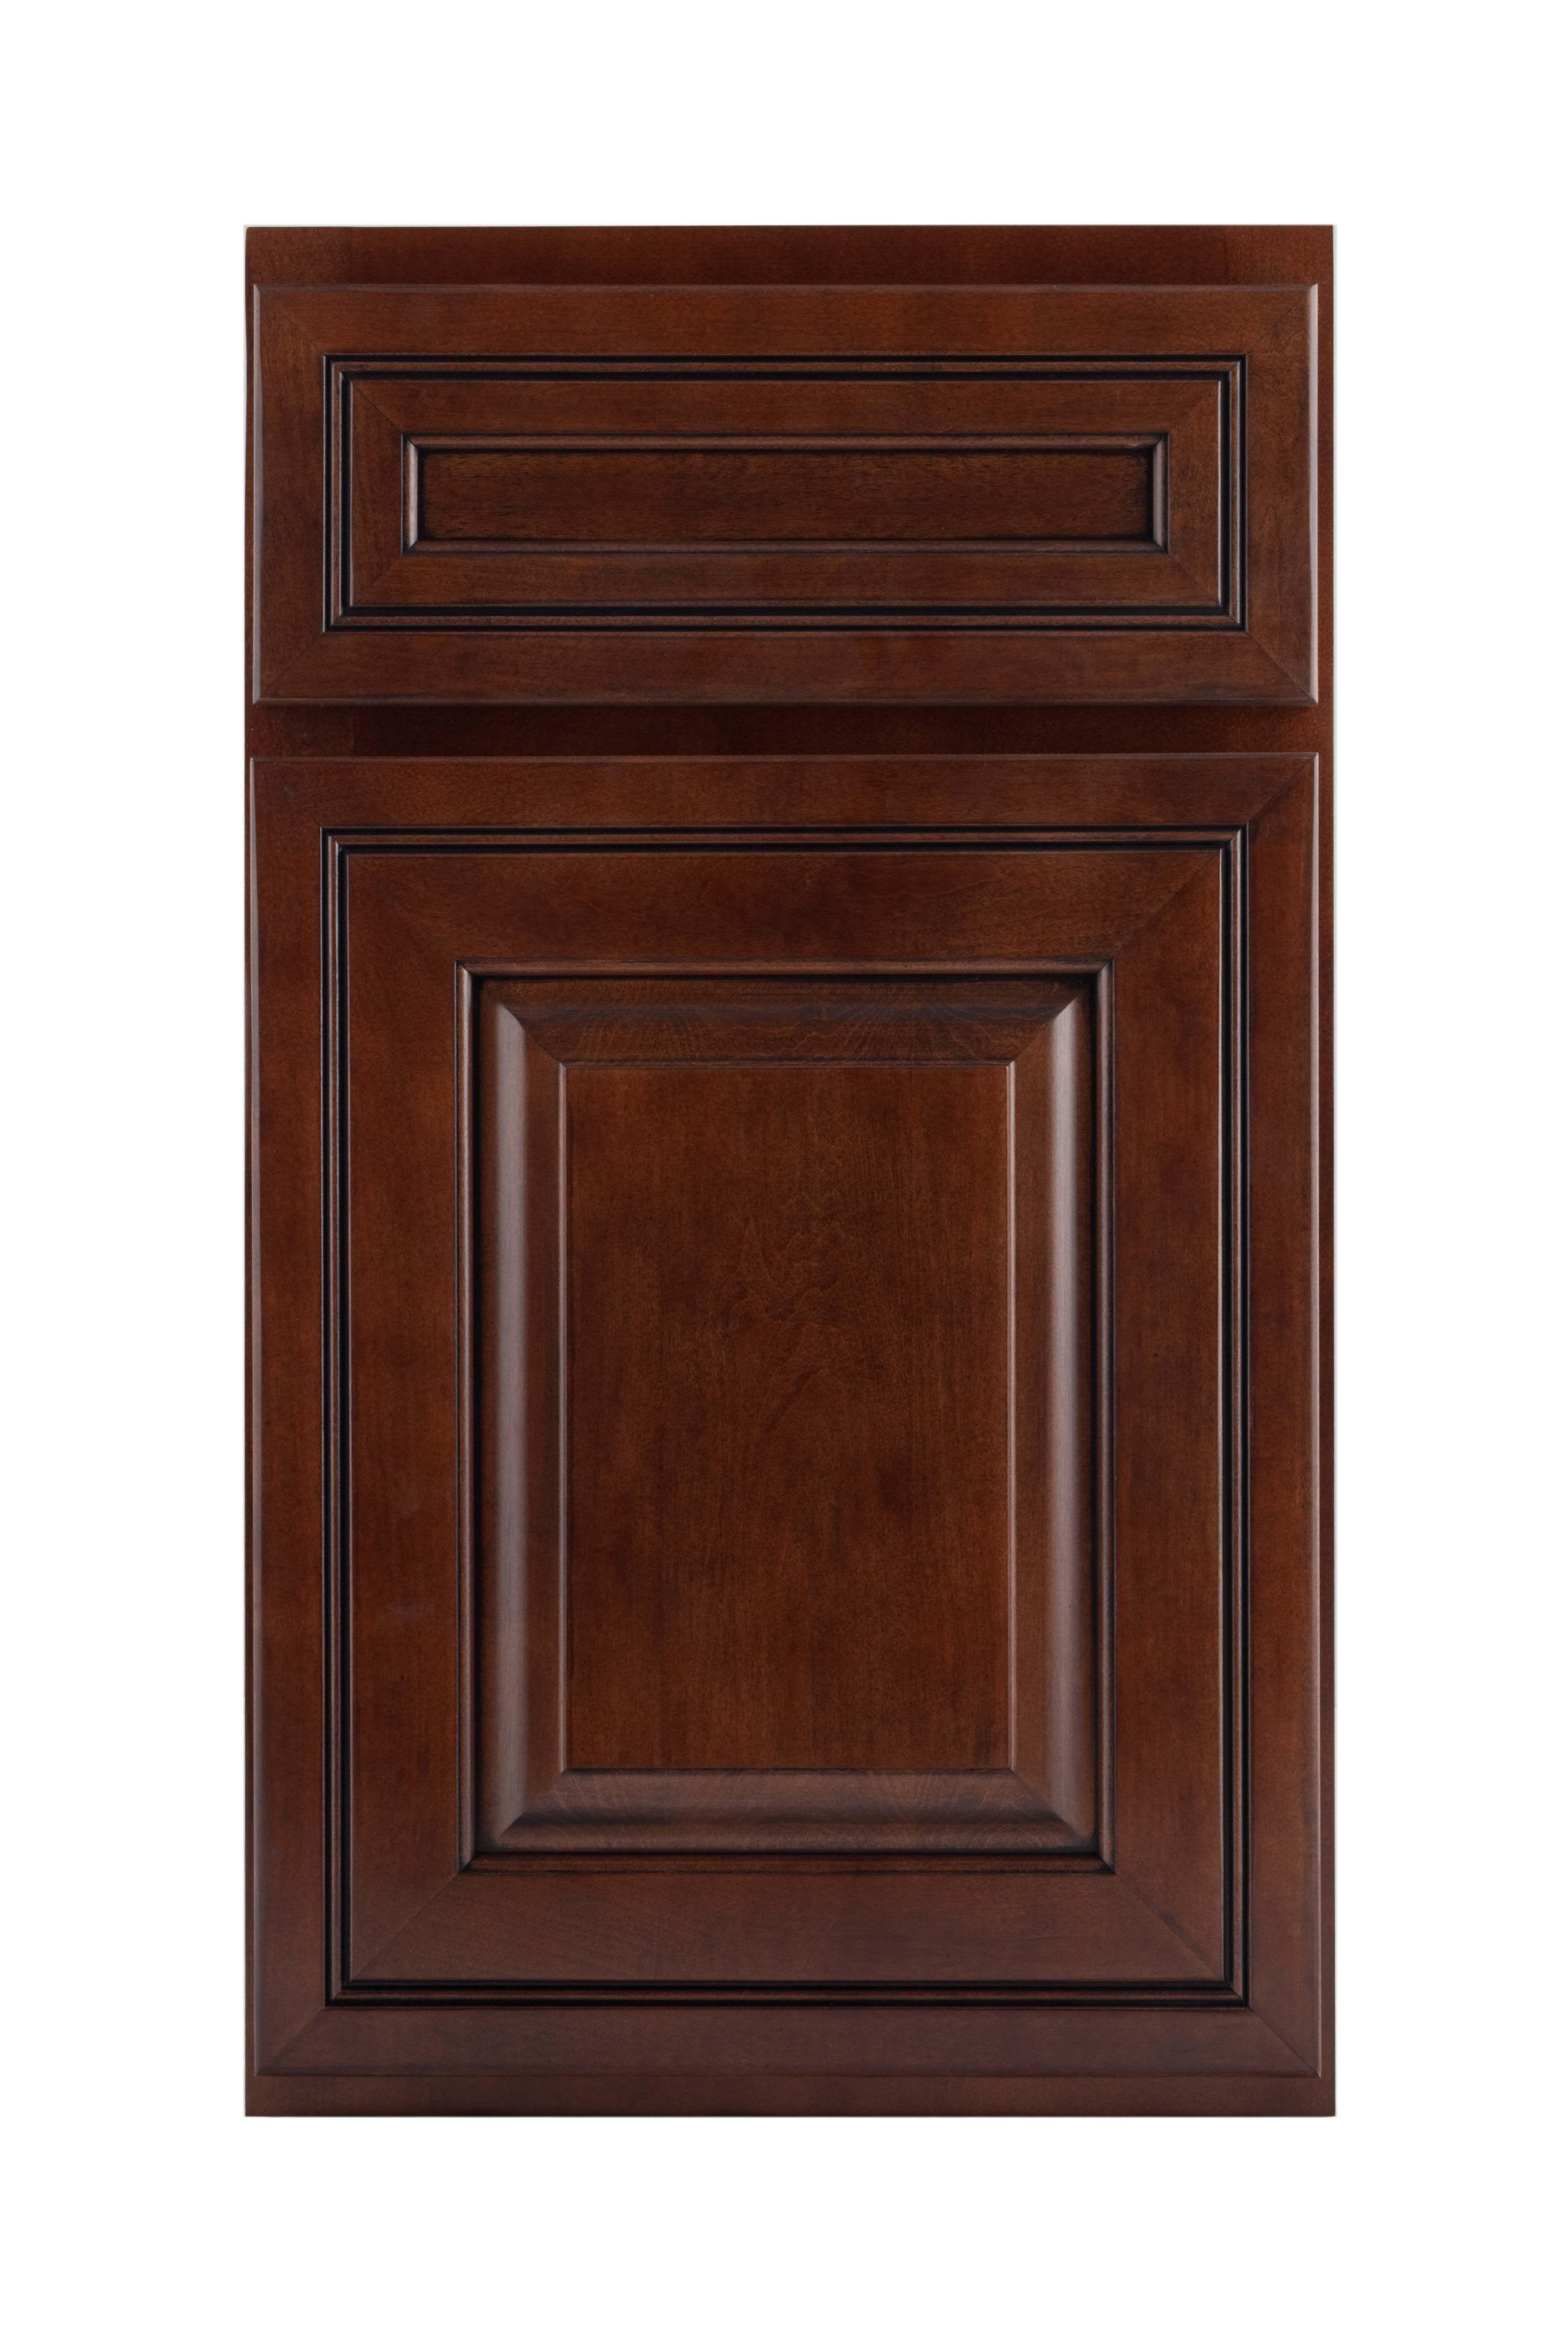 Crown Cabinets Sedona Maple Espresso Black Glaze Crown Cabinets